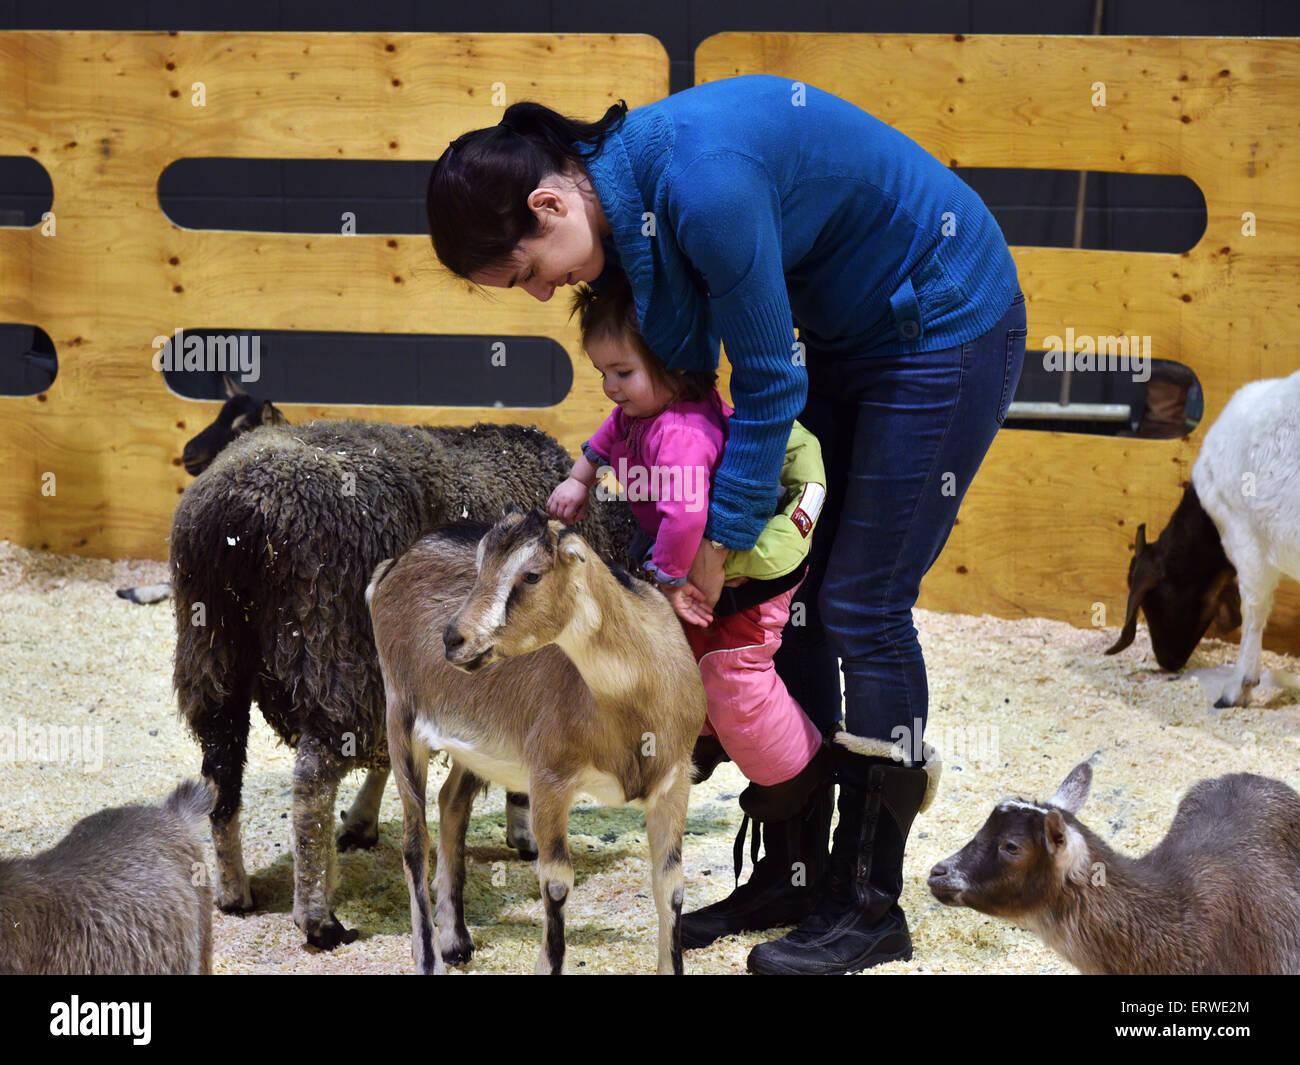 Una madre y su hija infante tocar las cabras en un zoológico de contacto Imagen De Stock